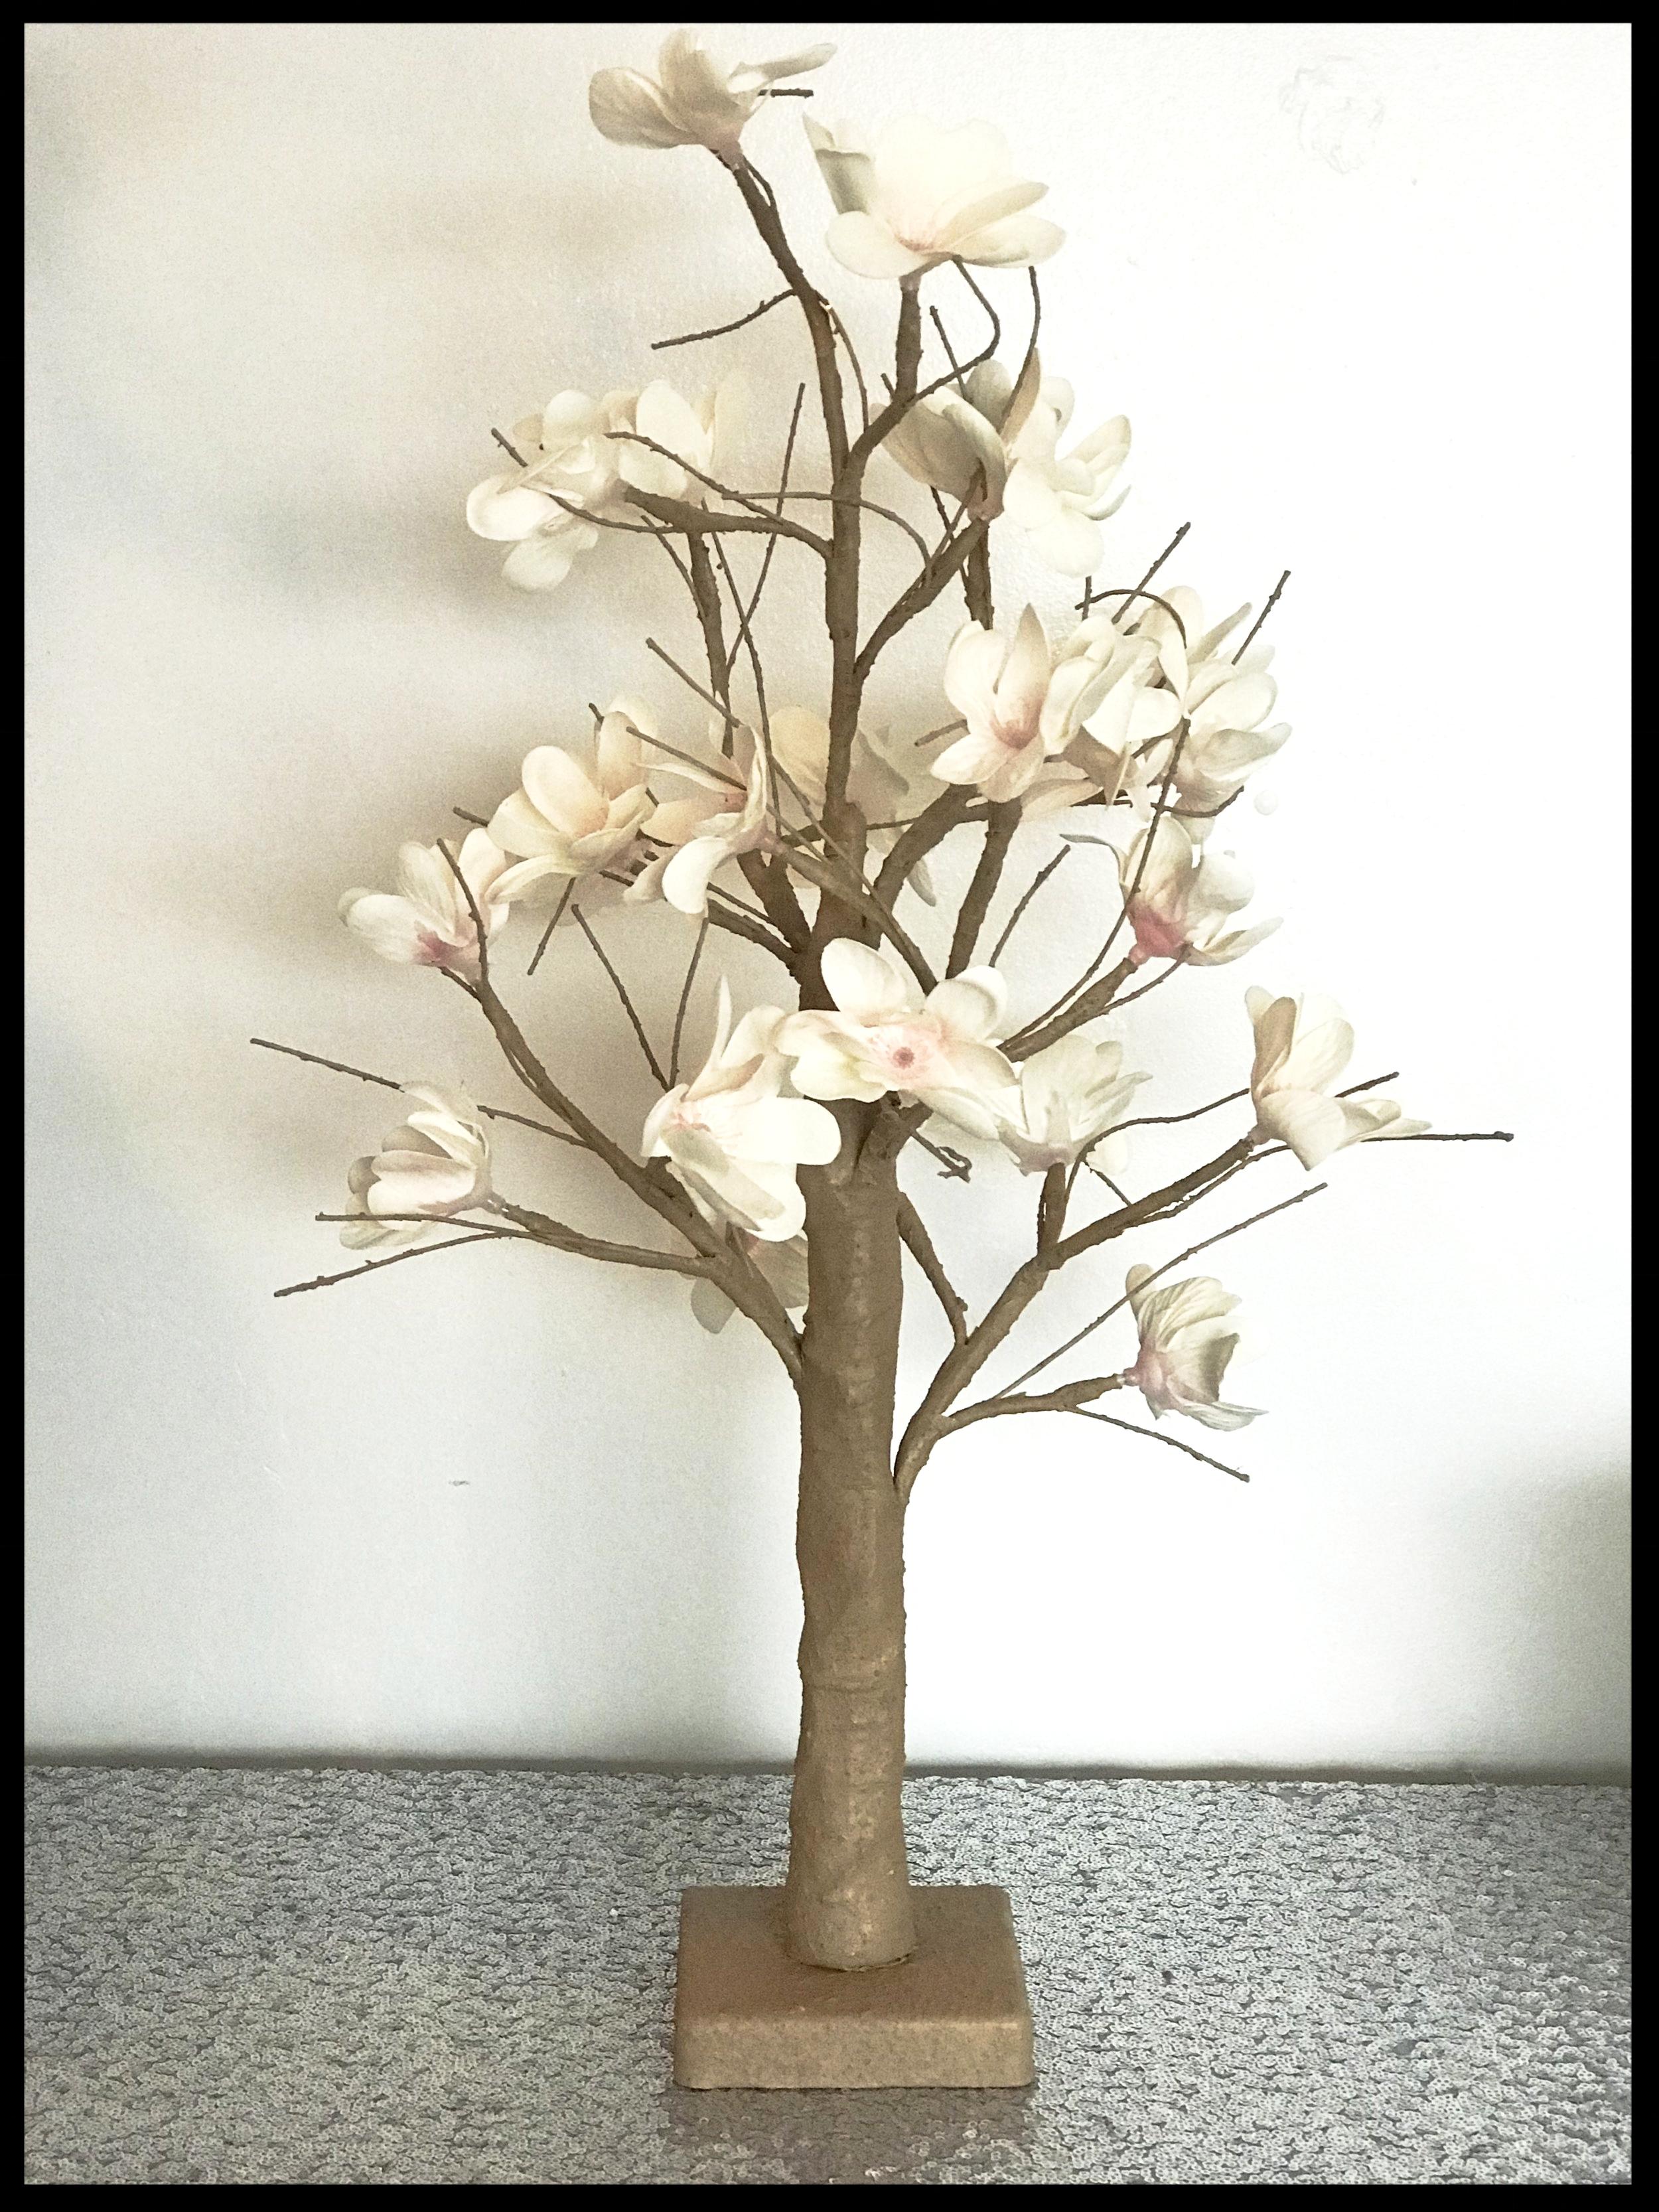 2 ft Light Up Blossom Tree